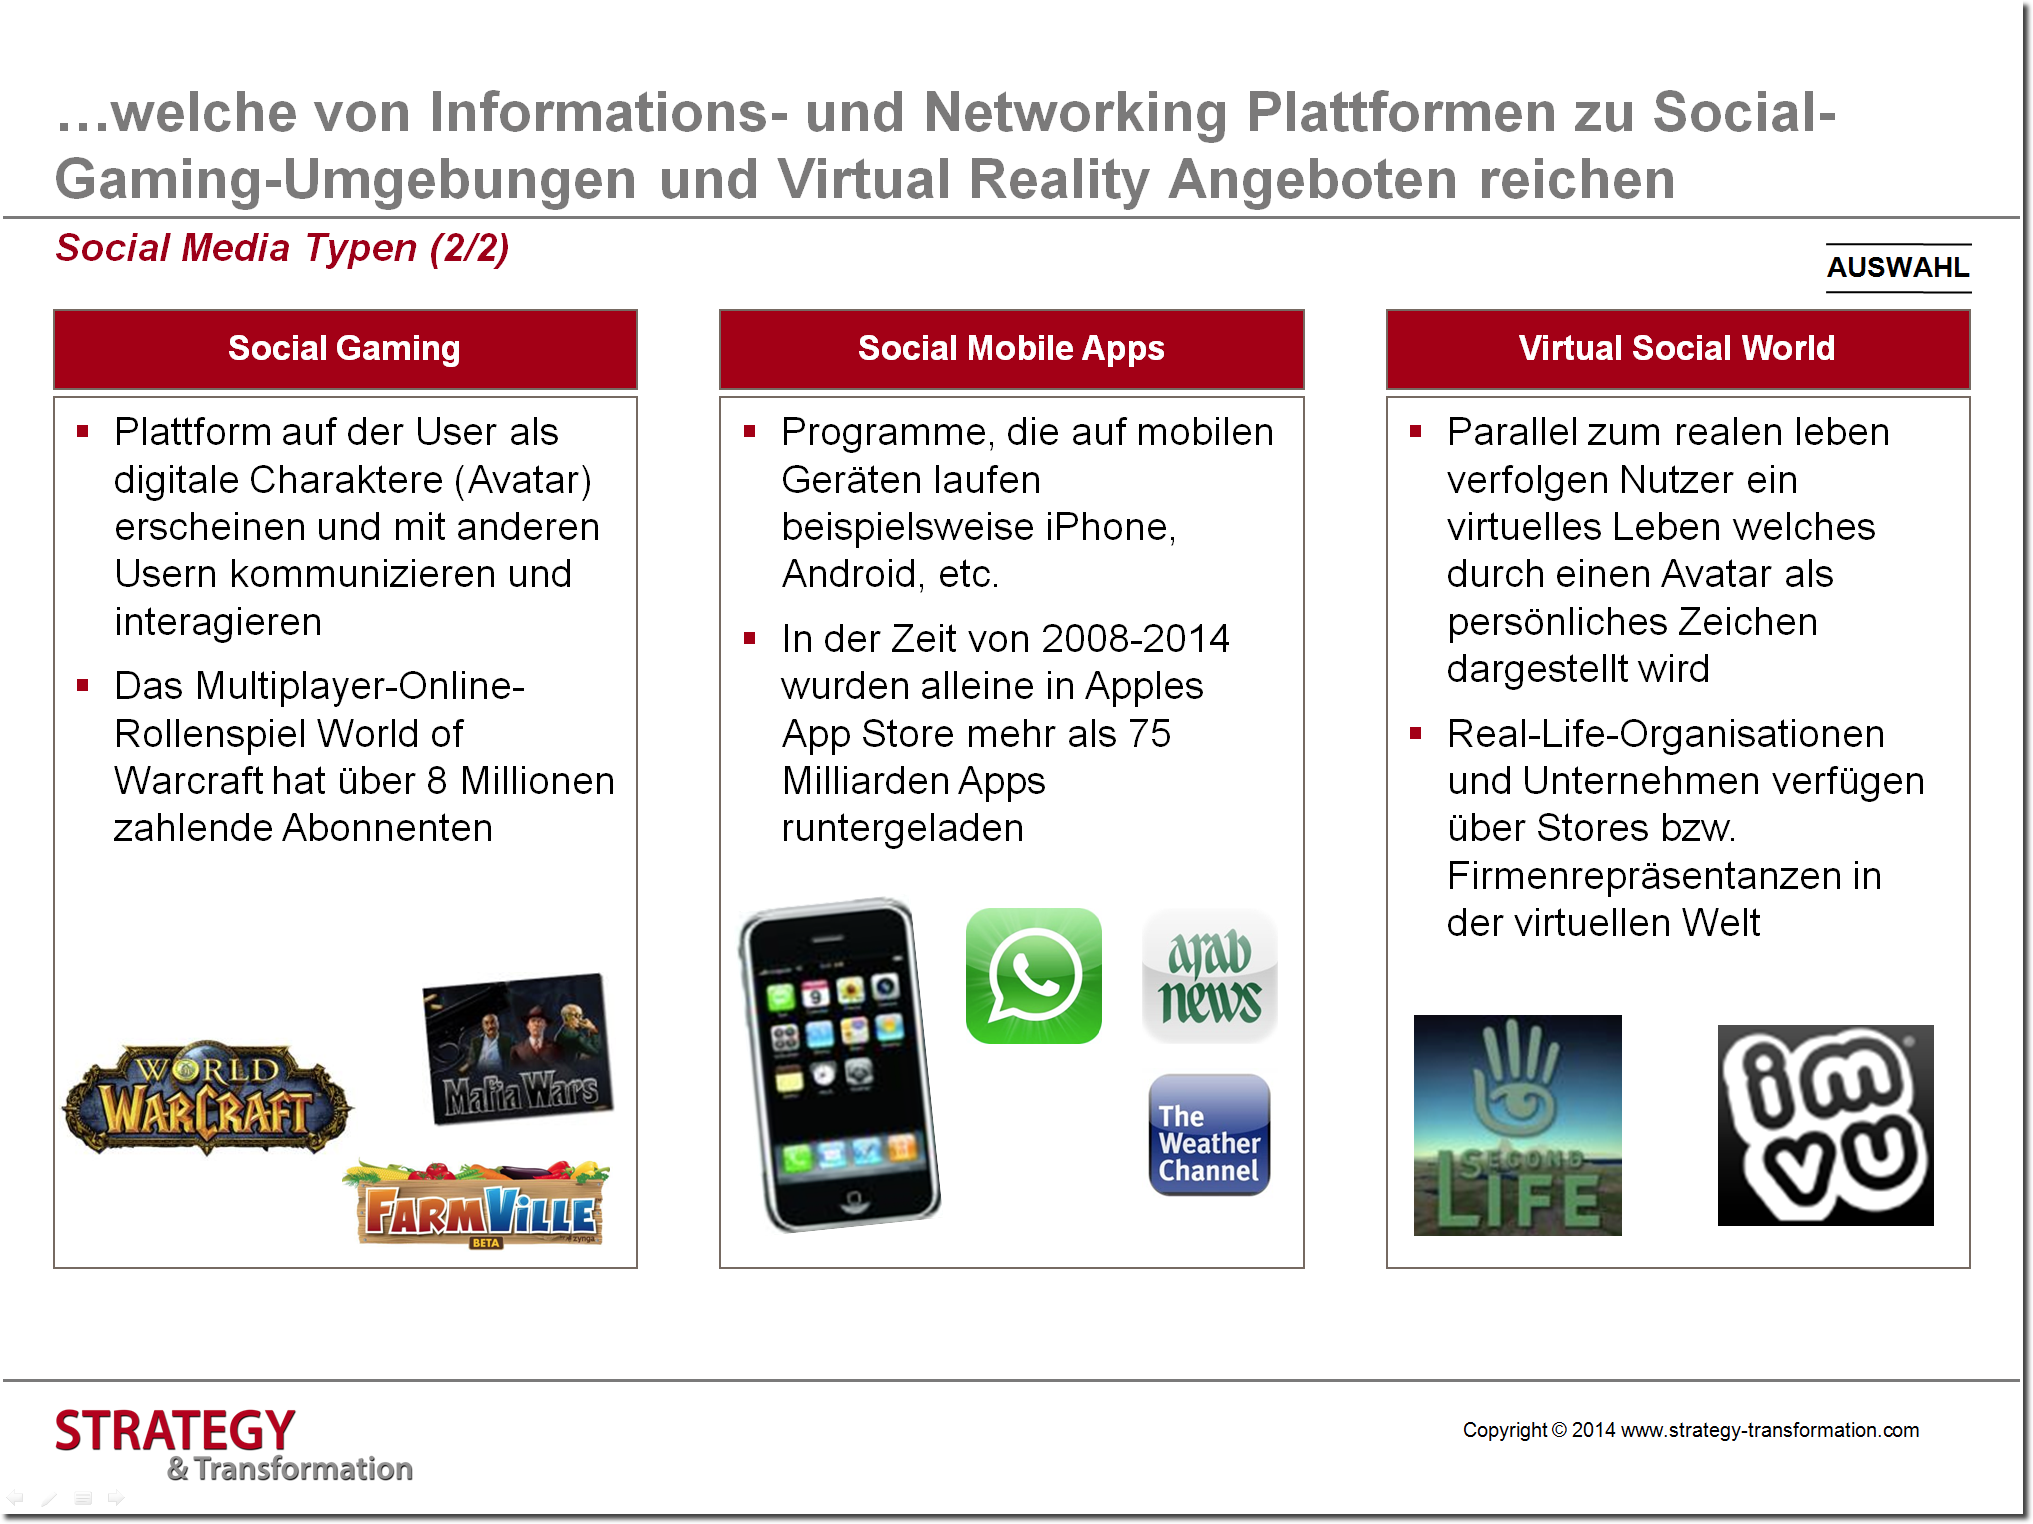 Social Media verstehen_Social Media Typen_2 von 2